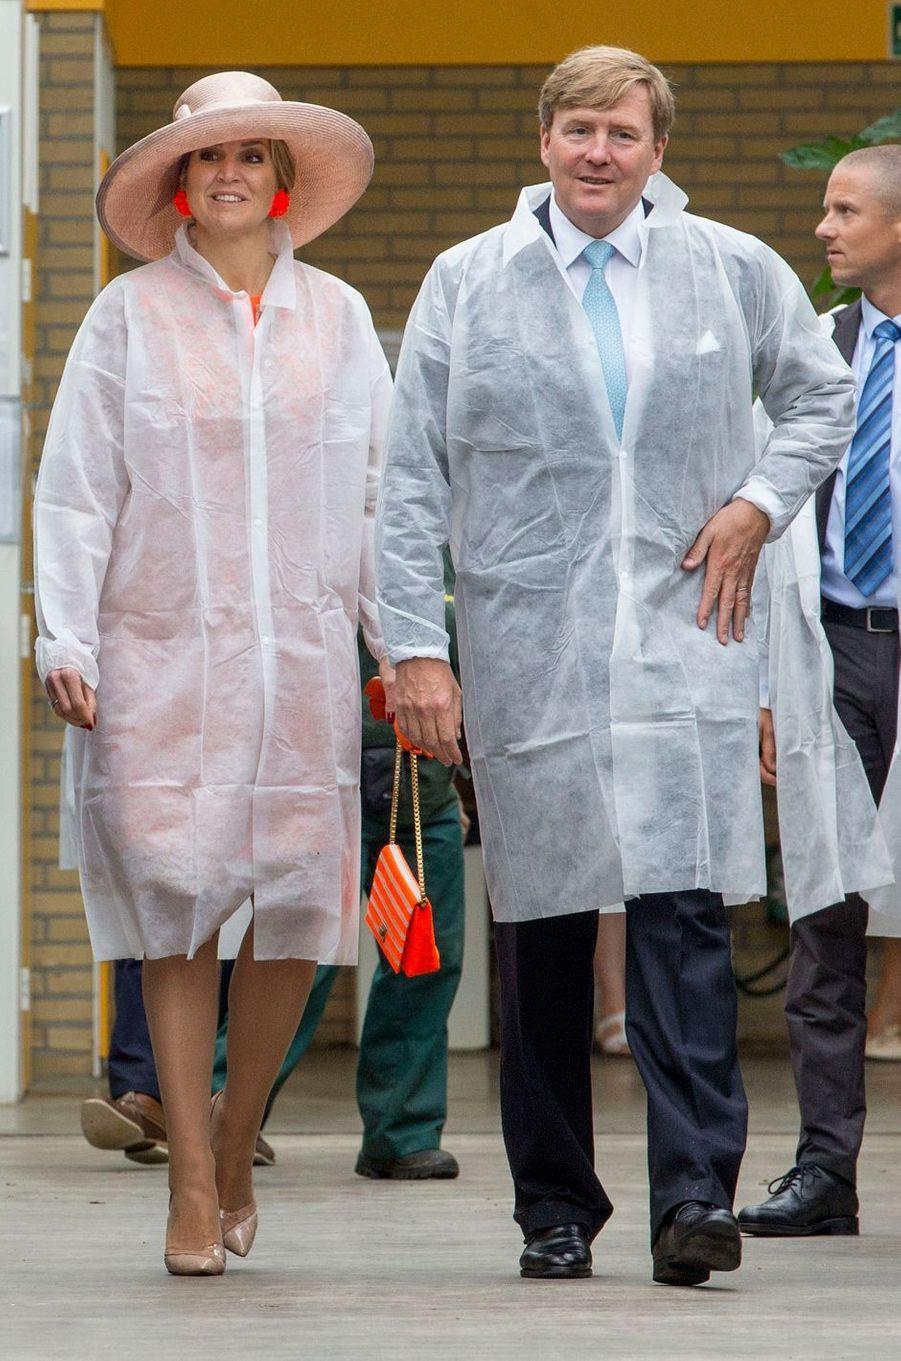 La reine Maxima et le roi Willem-Alexander des Pays-Bas à Menameradiel en Frise, le 13 juin 2016